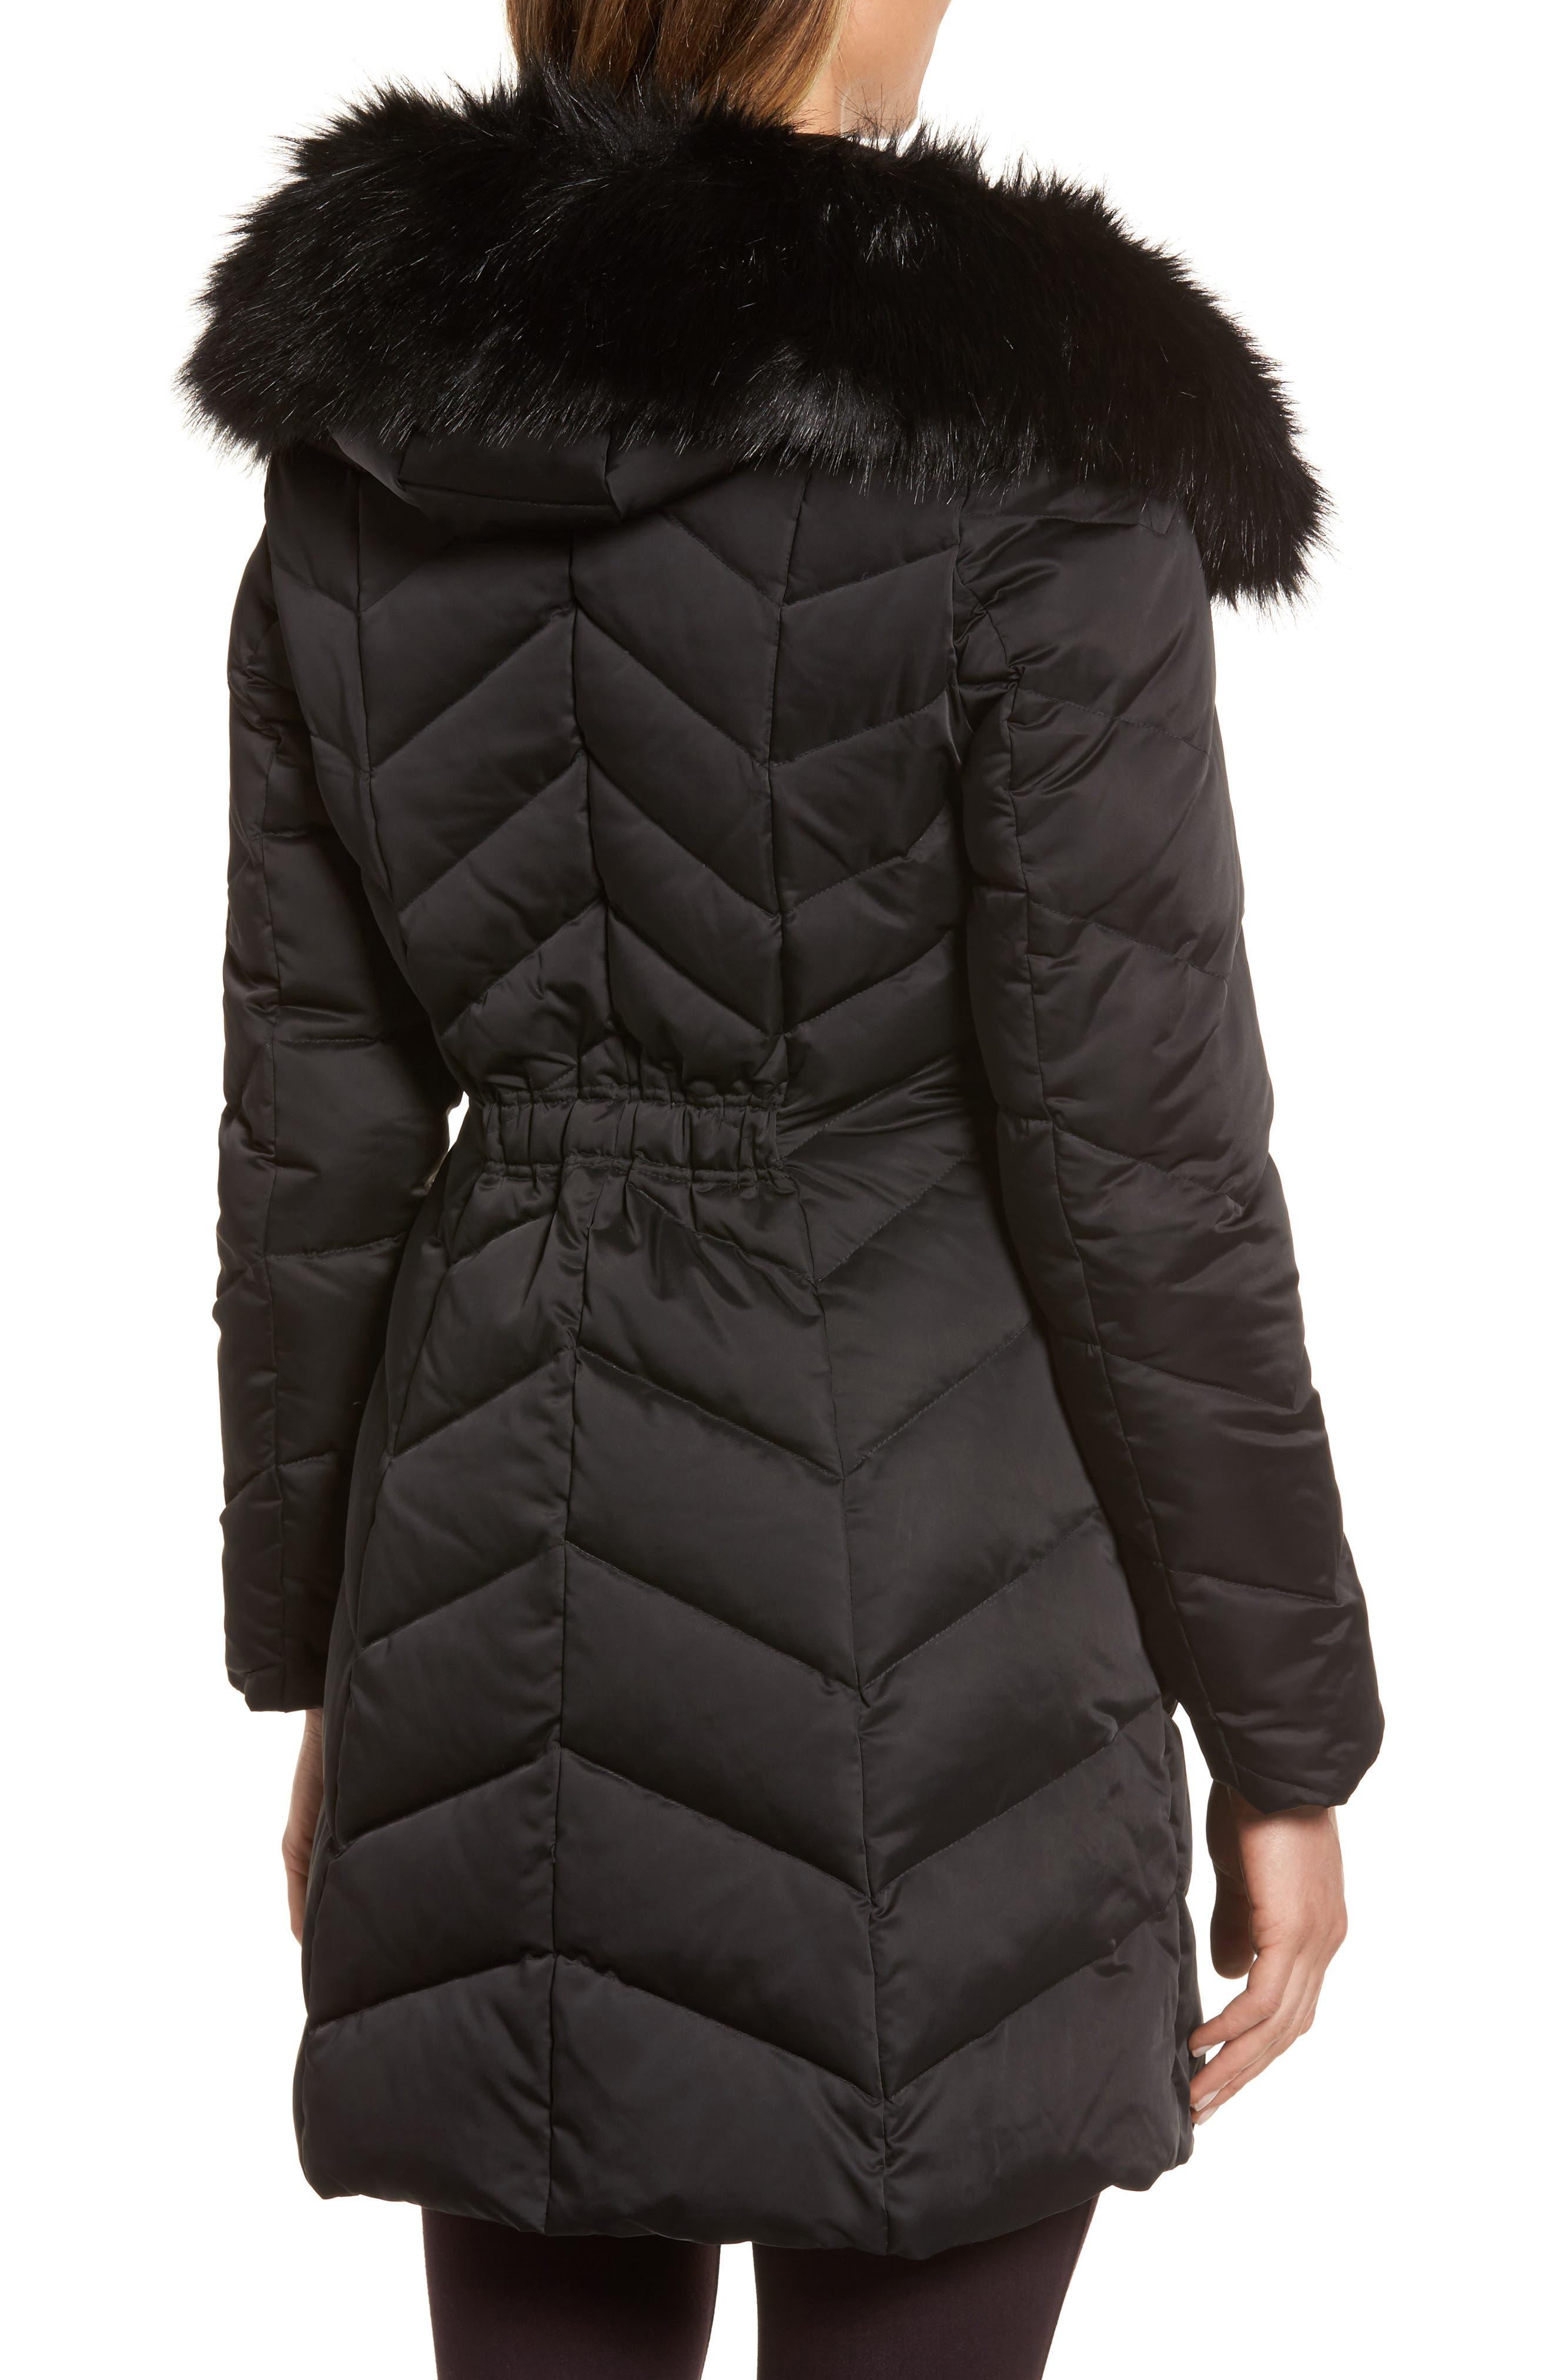 Gwen Chevron Down & Feather Faux Fur Coat,                             Alternate thumbnail 2, color,                             BLACK